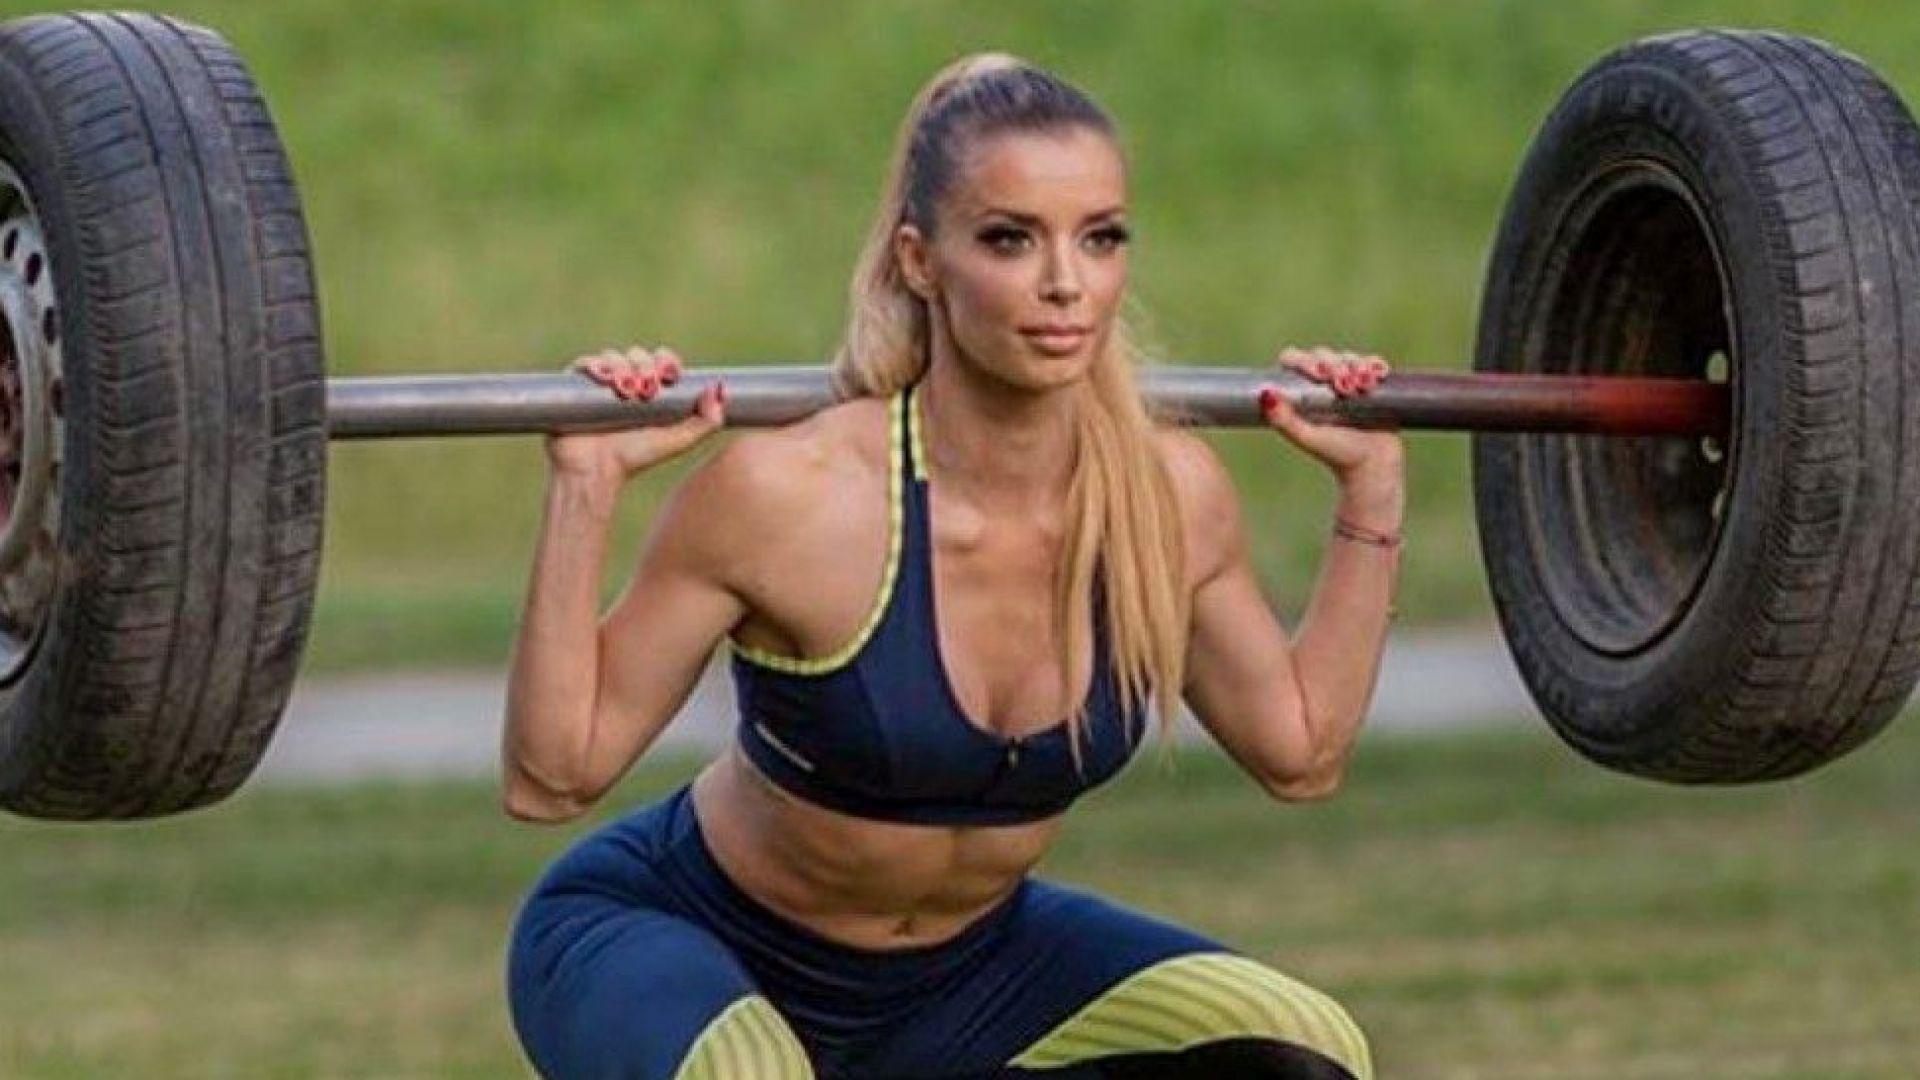 Обвиниха футболист №1 в тайна връзка с красавица